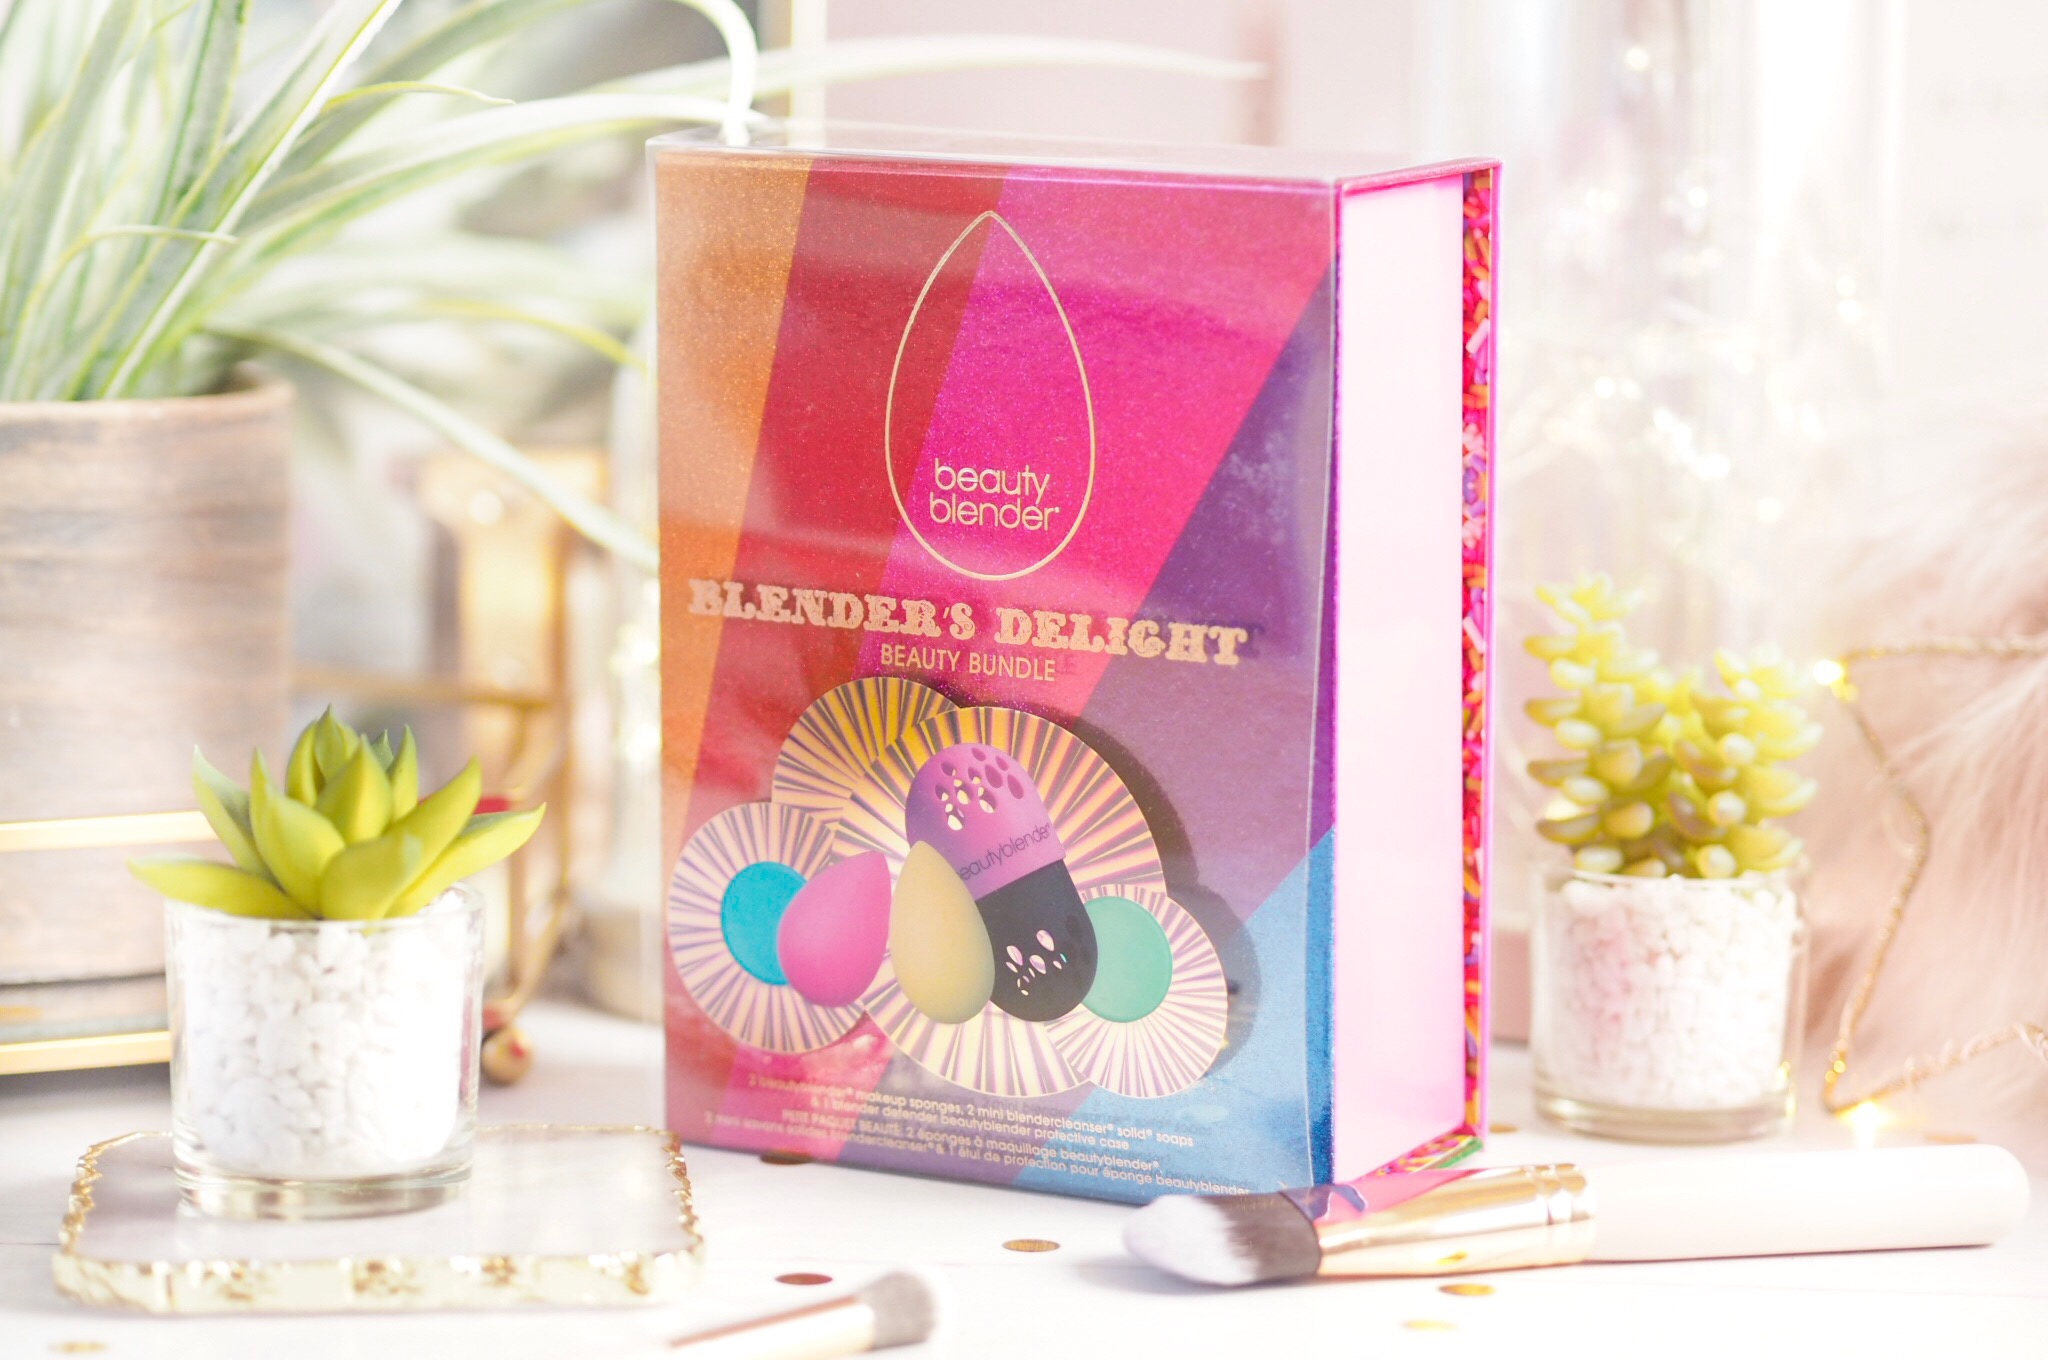 Beauty Blender Blender's Delight Gift Set